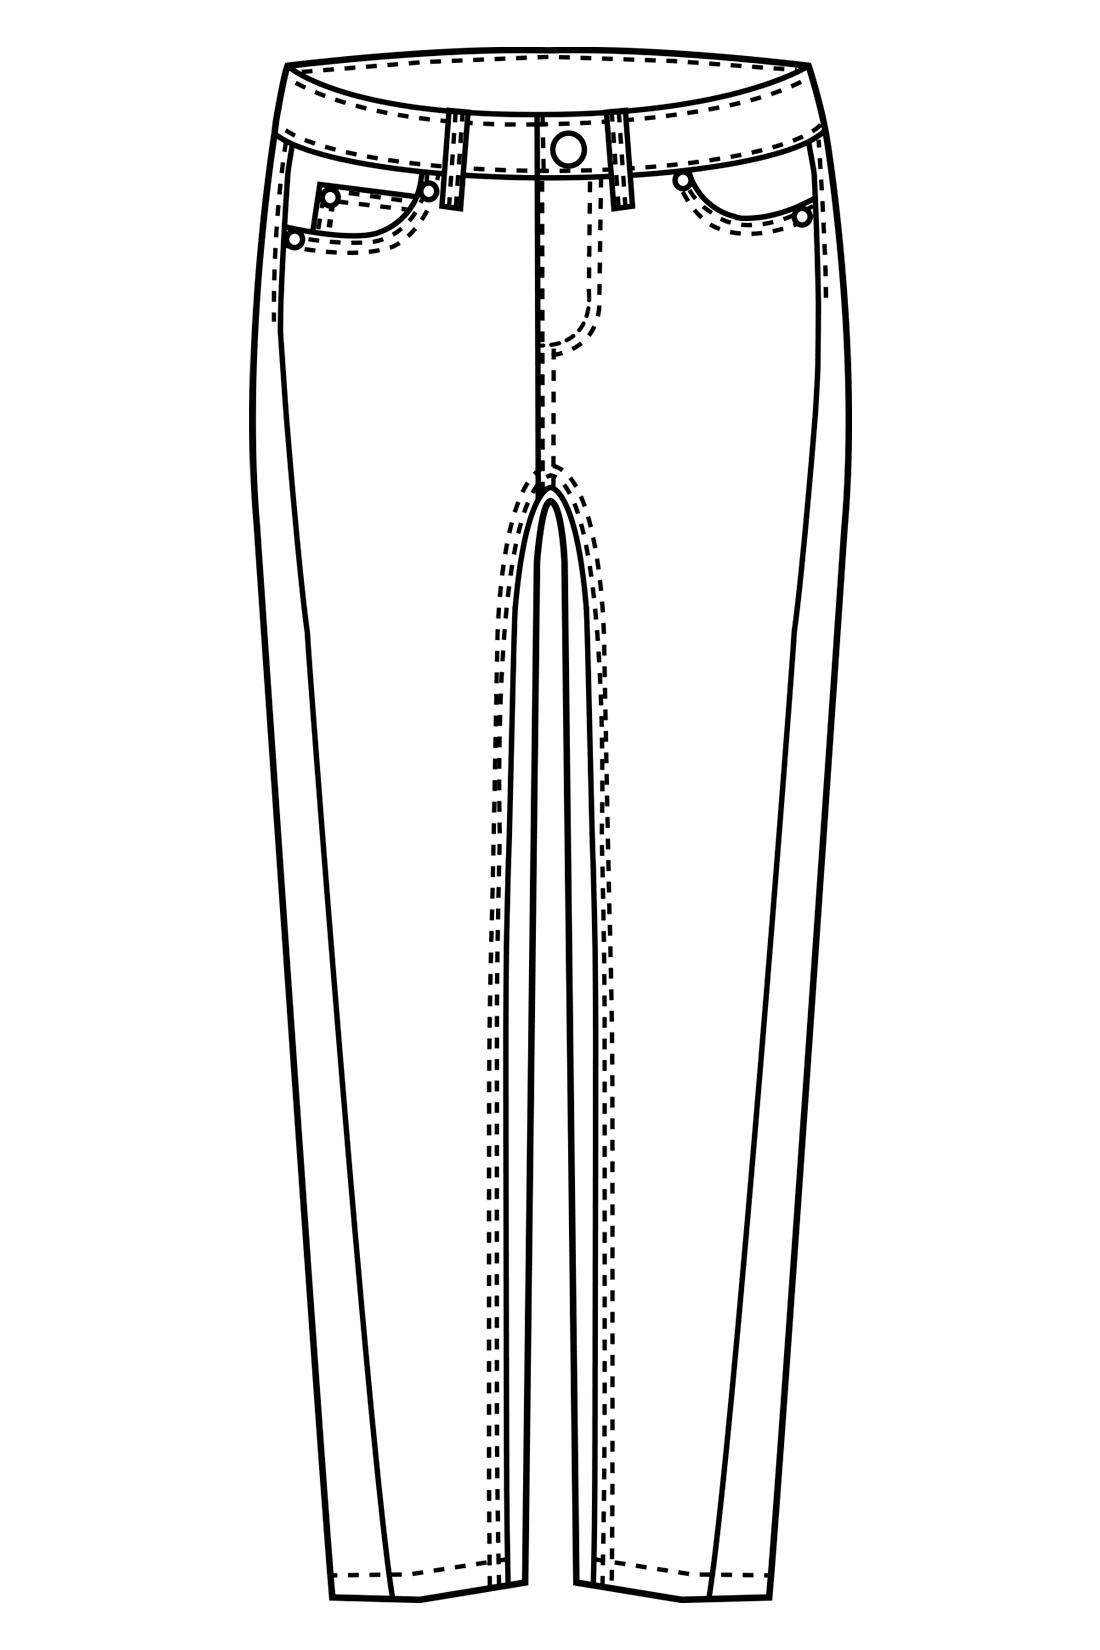 スキニーとボーイズシルエットの間くらいの女性らしいゆるフィットシルエット。サイドのシームをわざと前にほどこして、脚が細長く見えるパターンにこだわりました。